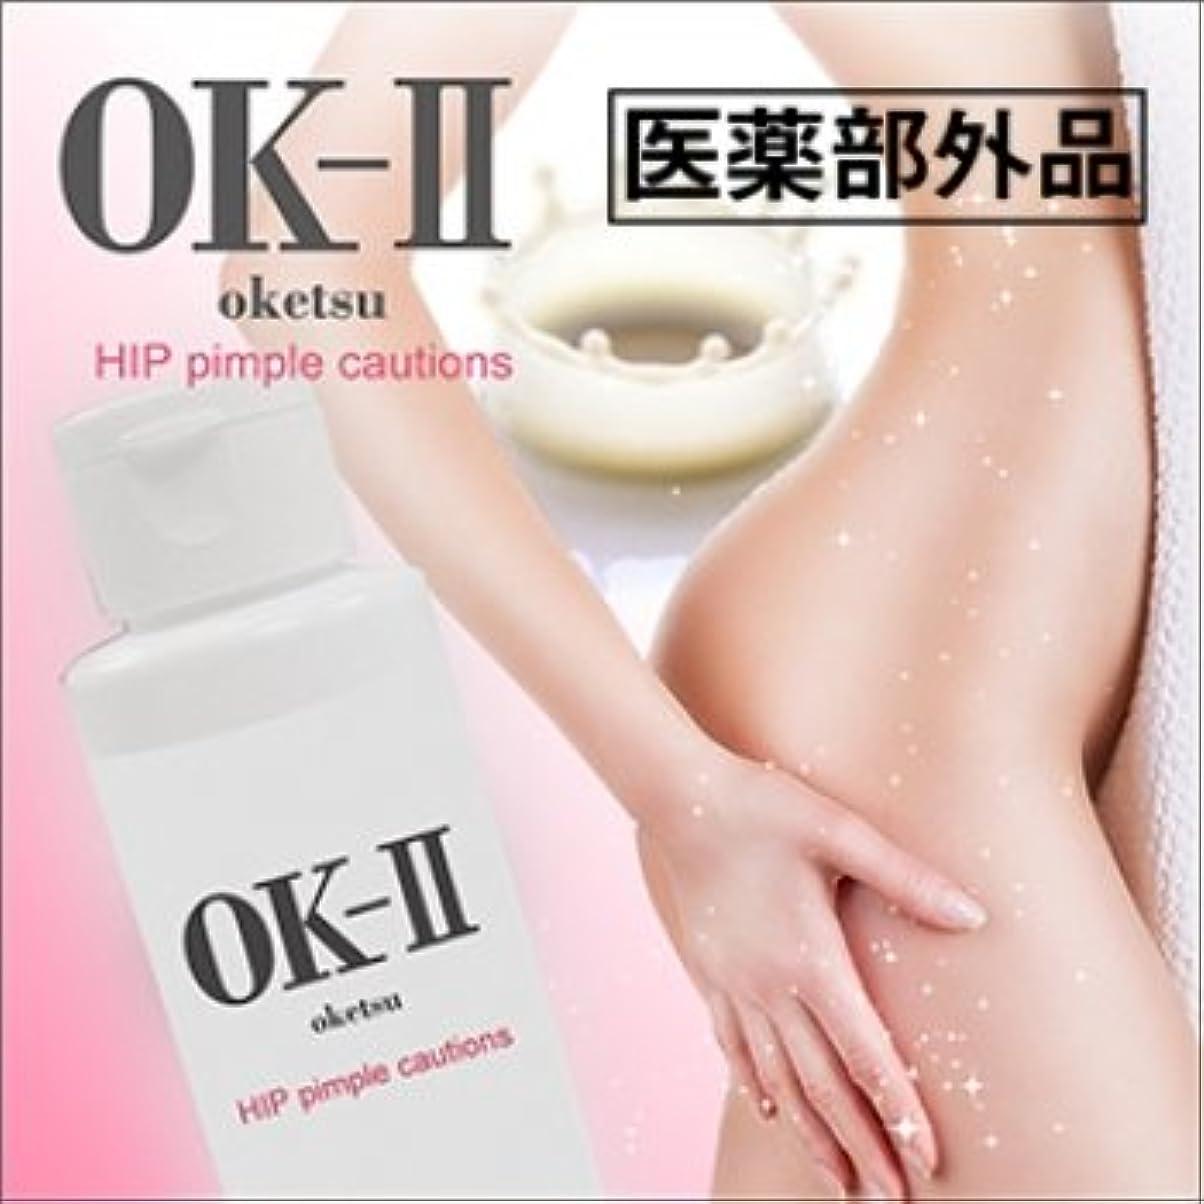 裁判所機関反発するOK-IIオッケーツー(薬用お尻ニキビケアボディ乳液)医薬部外品